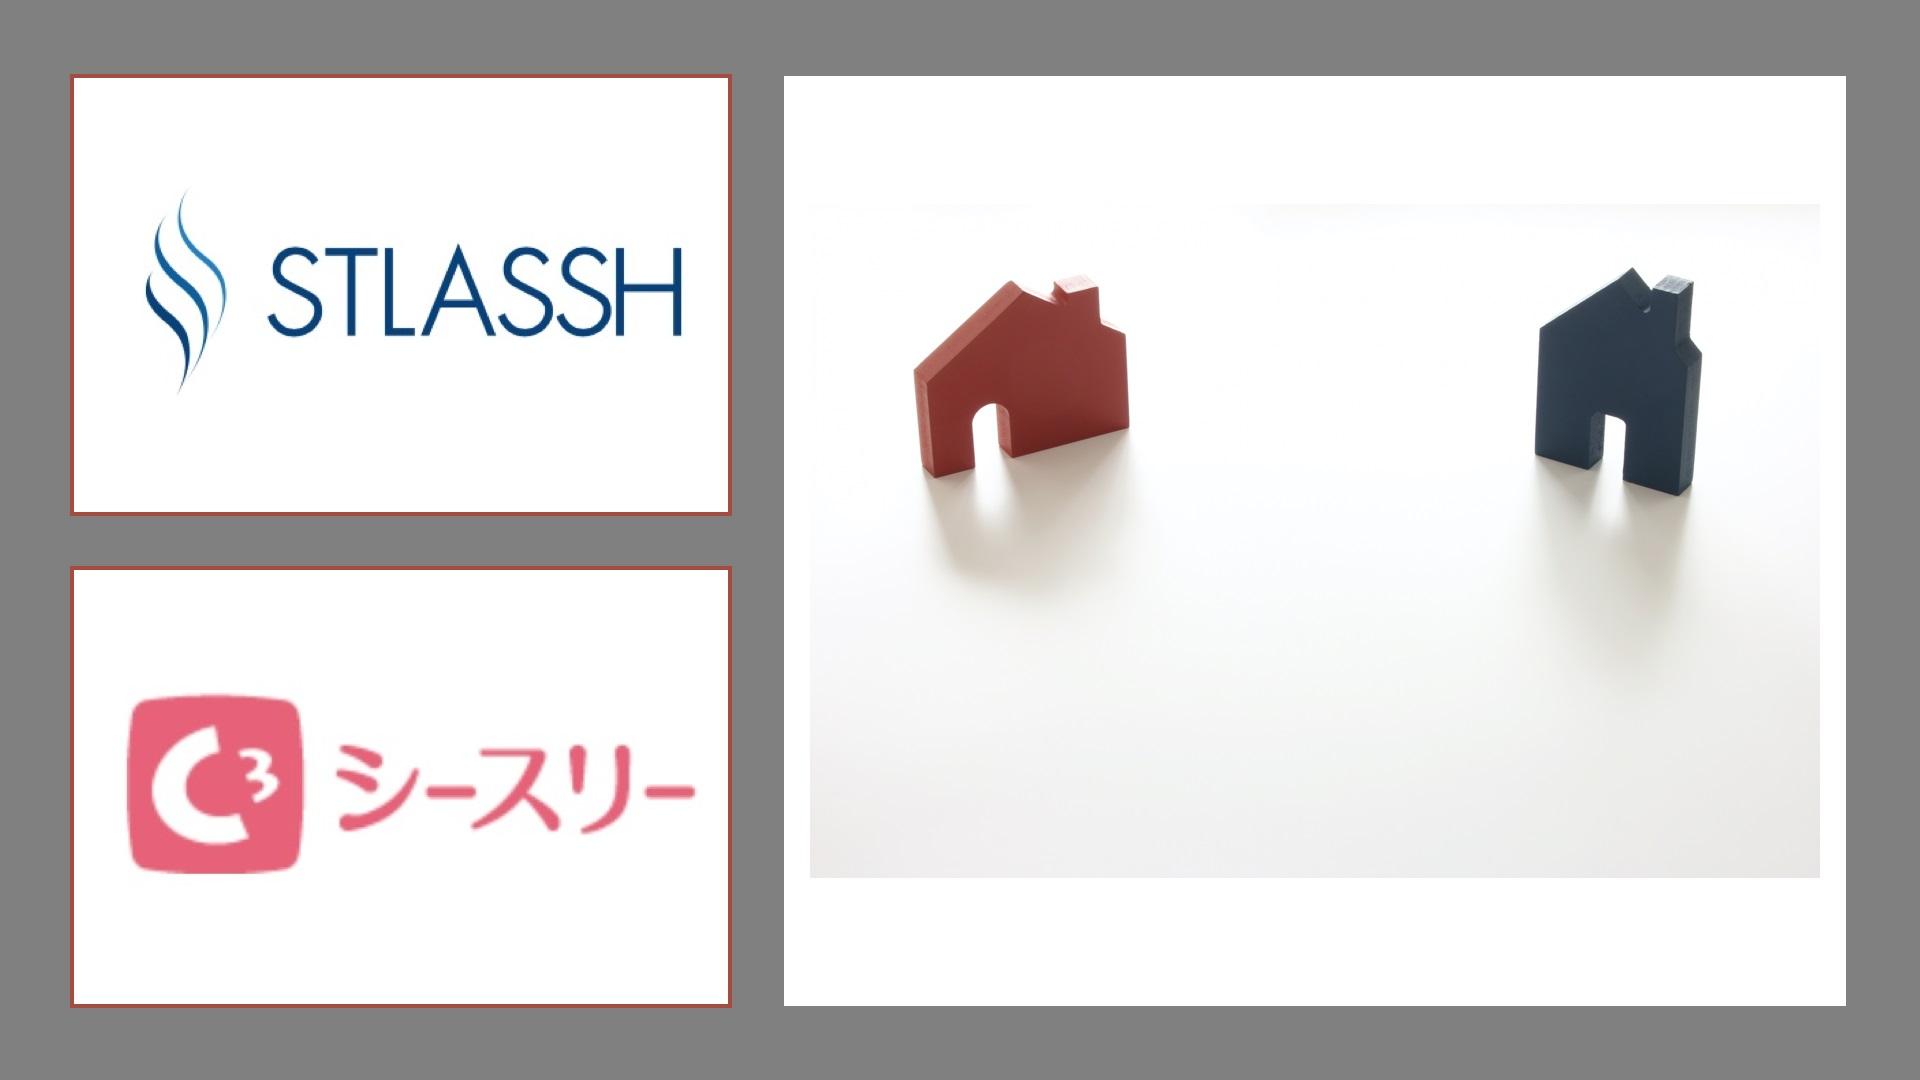 ストラッシュとシースリー(比較)